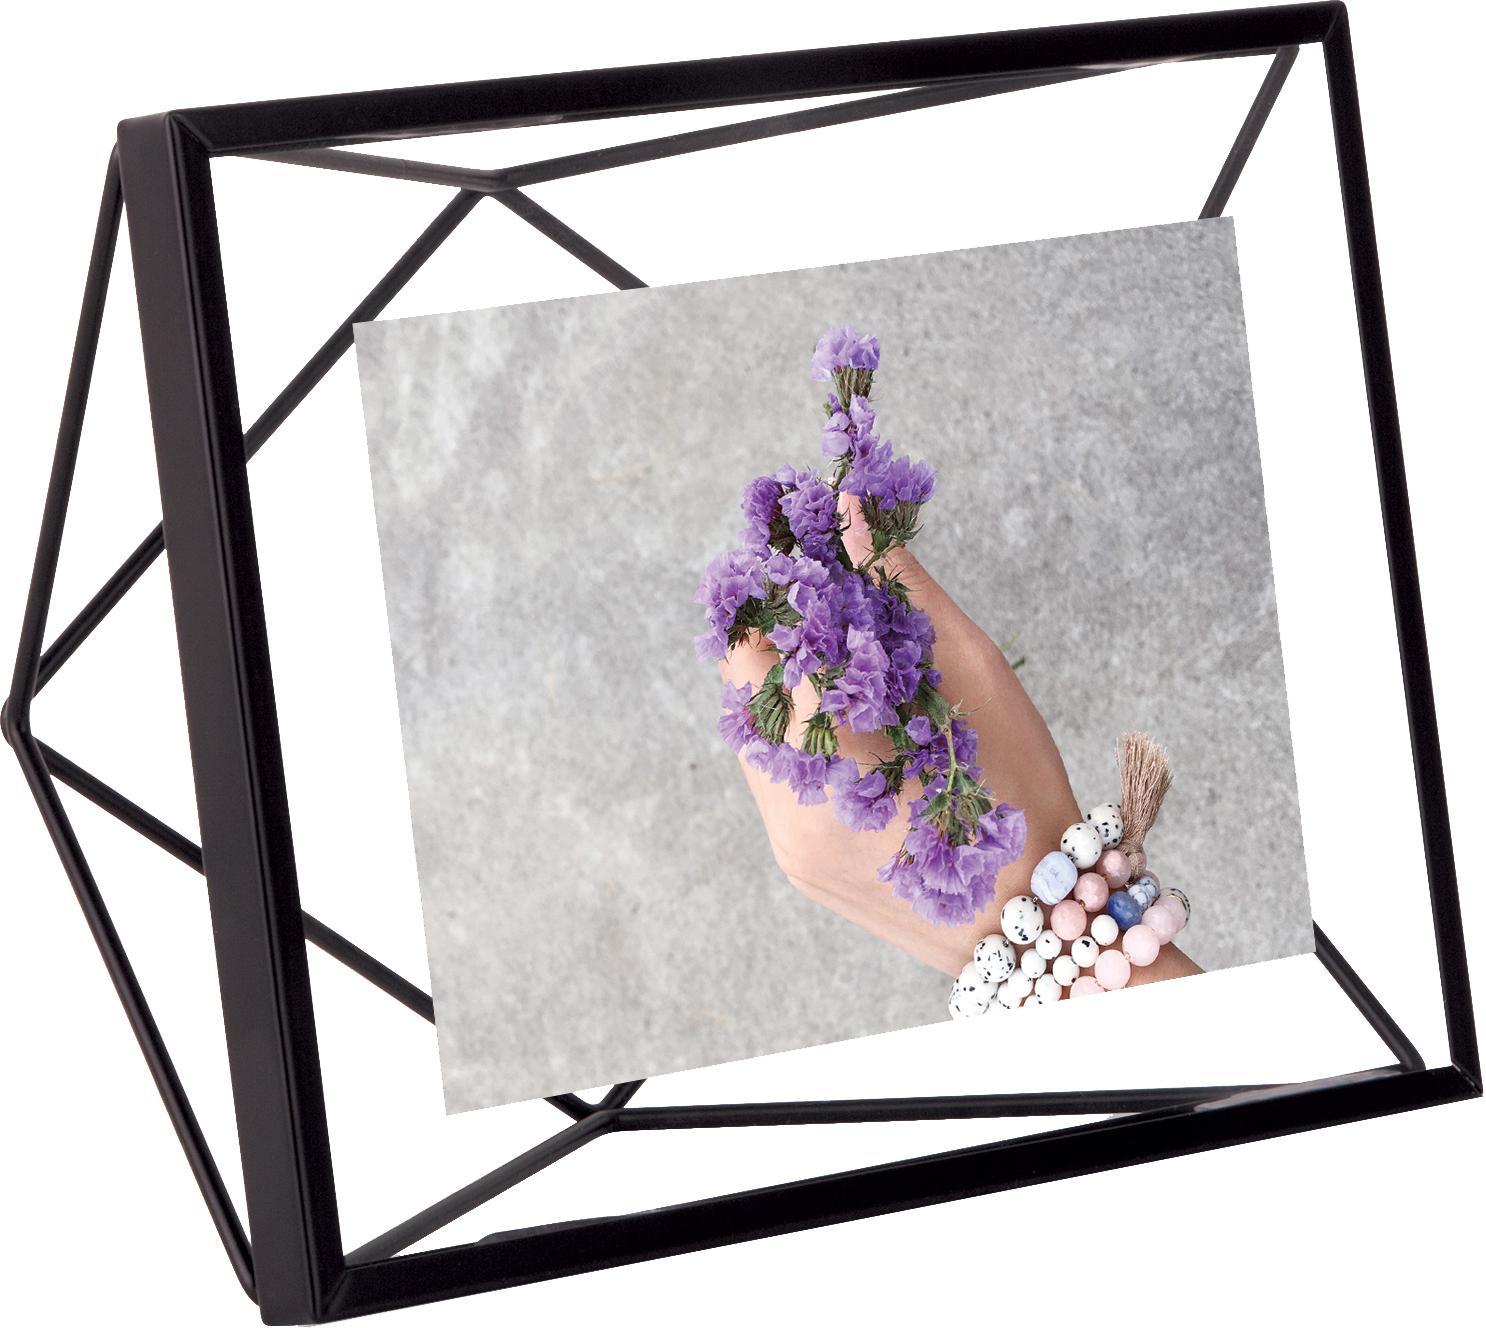 Fotolijstje Prisma, Frame: Staal, Zwart, 10 x 15 cm